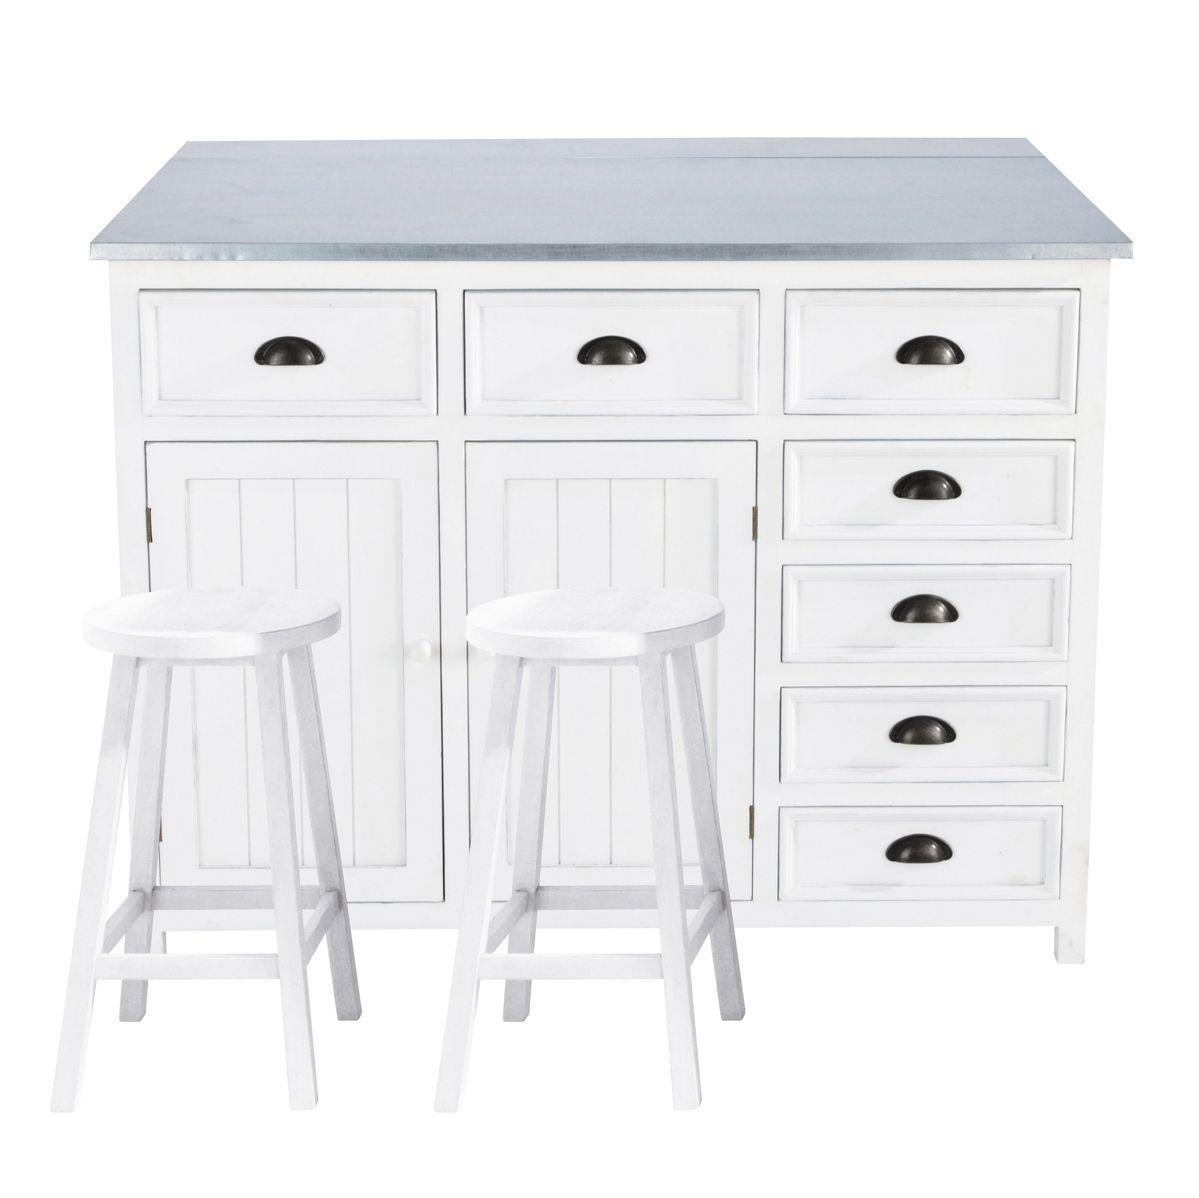 Kücheninsel aus Holz, B 120 cm, weiß | Kücheninsel, Holz und Küche